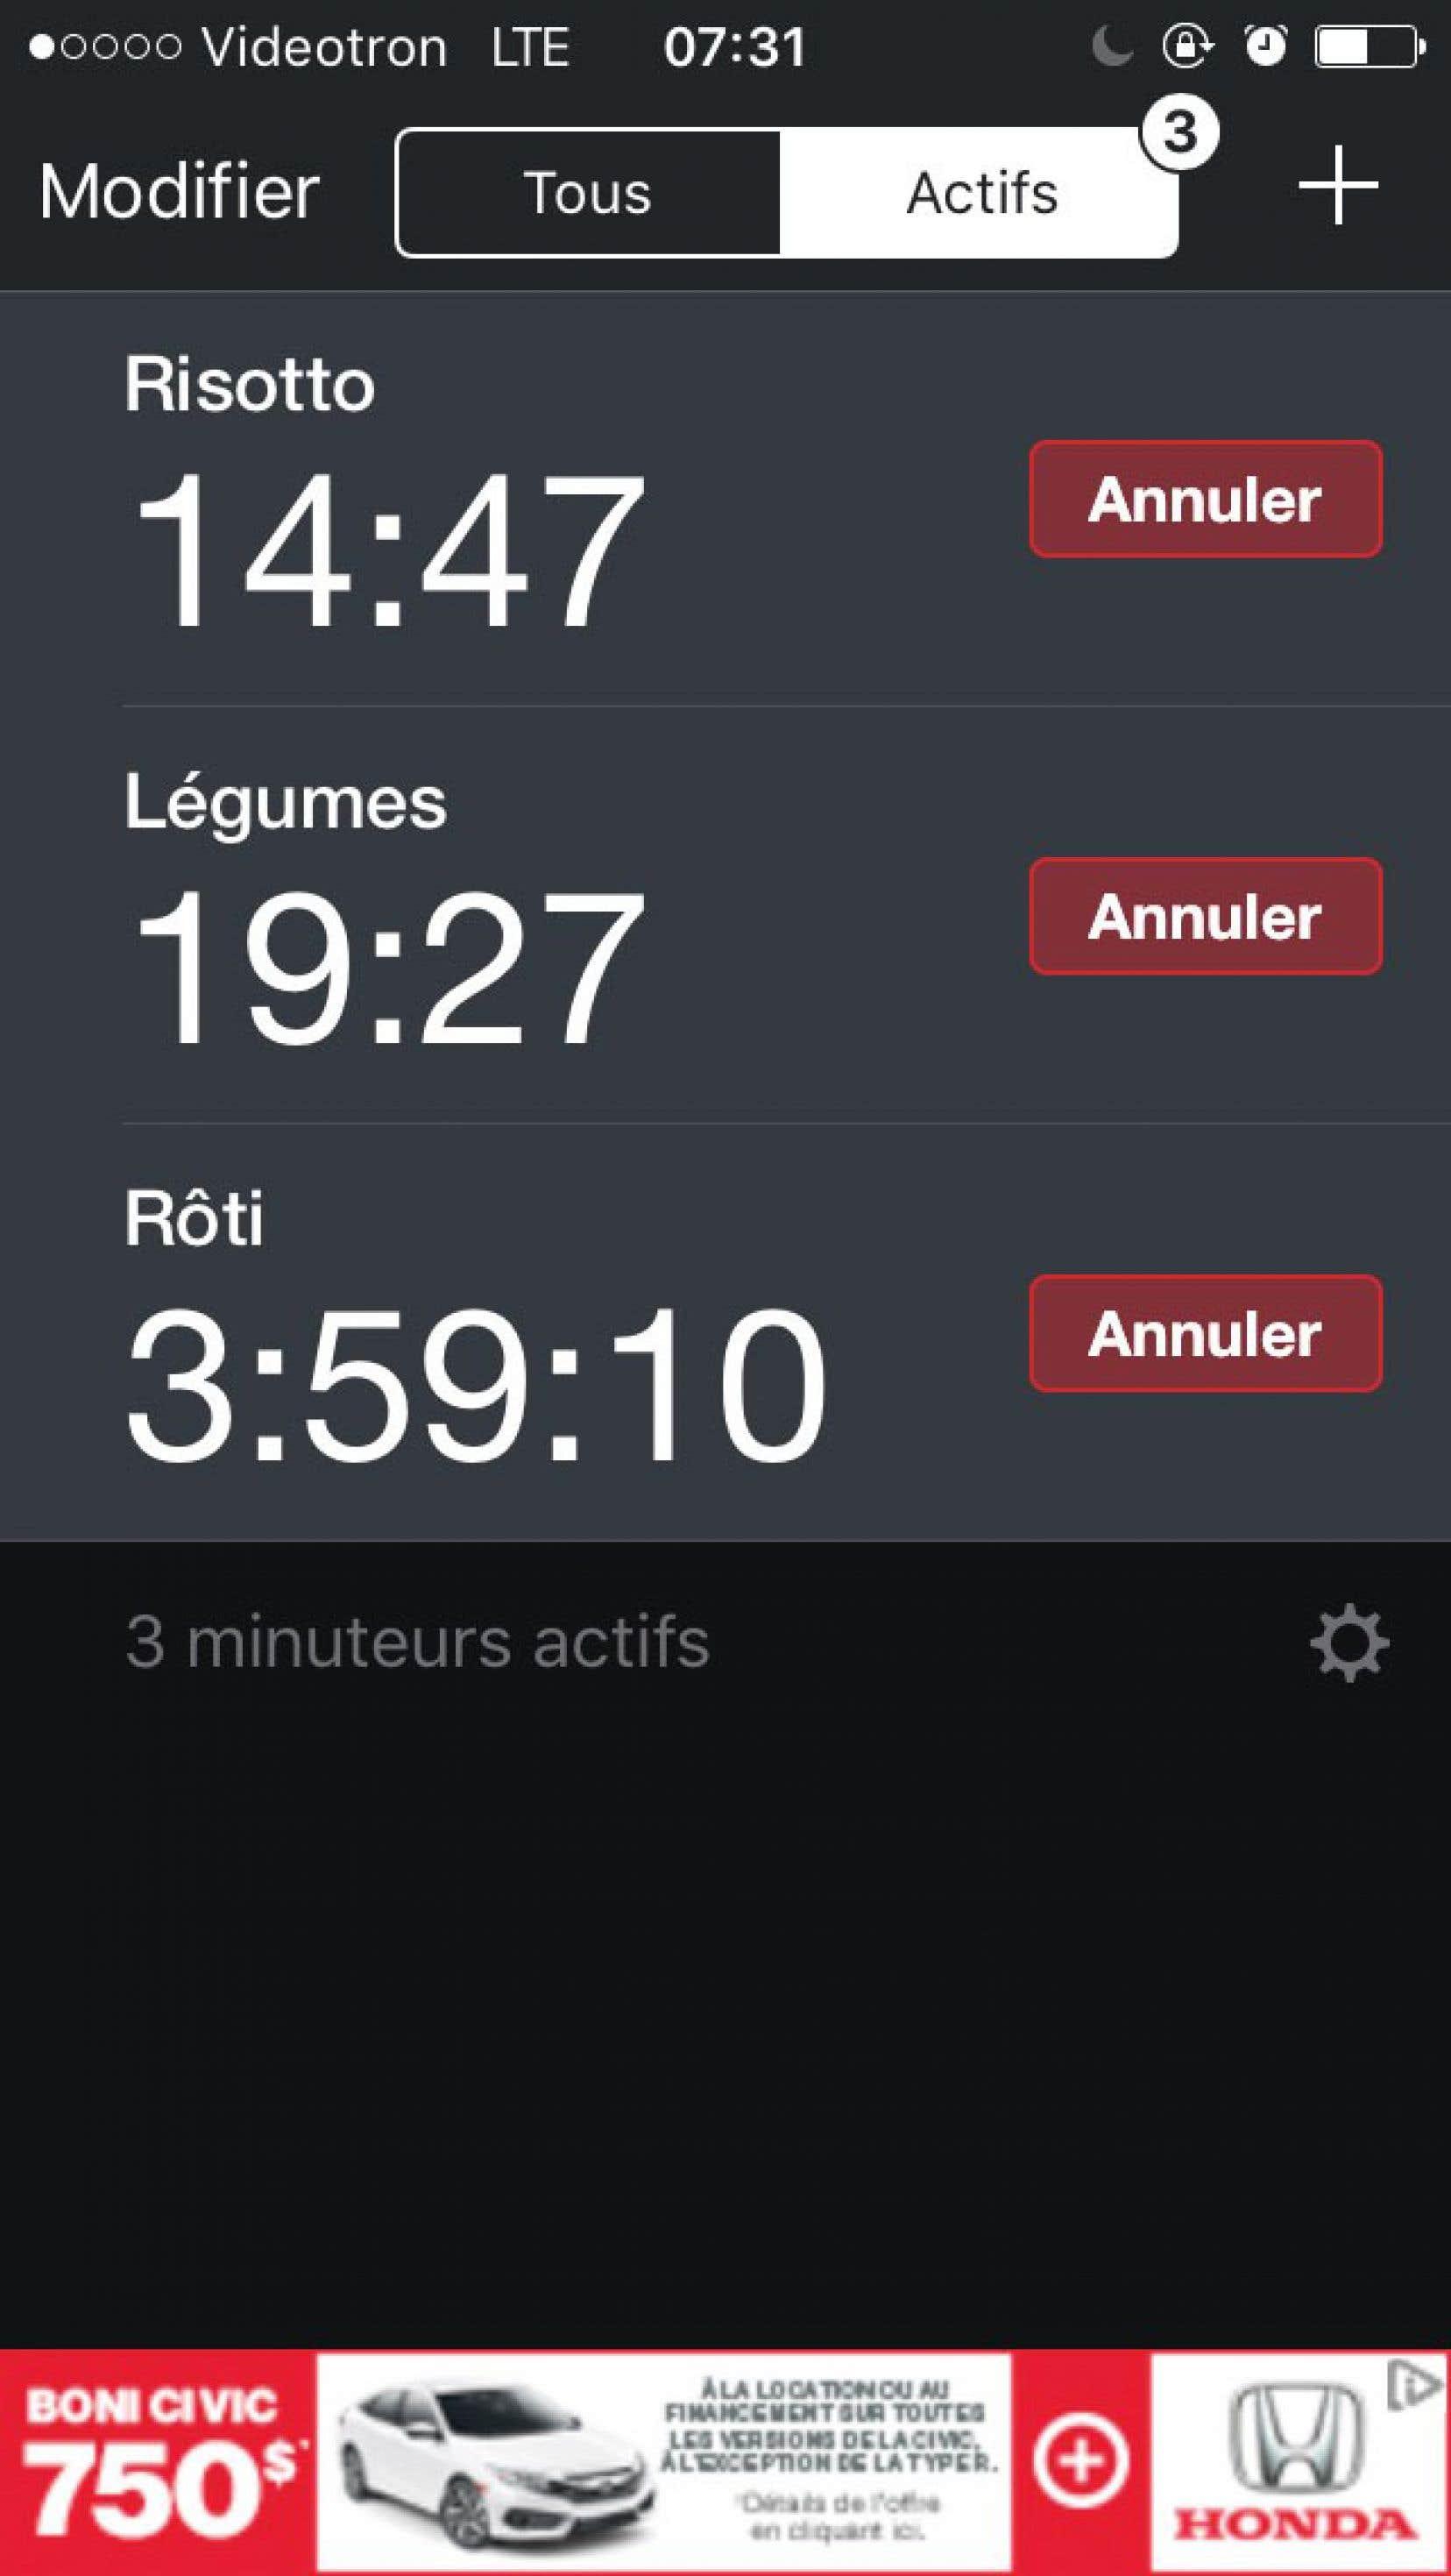 Minuteur + permet de faire démarrer plusieurs minuteurs à la fois, chacun clairement identifié au plat lui correspondant.